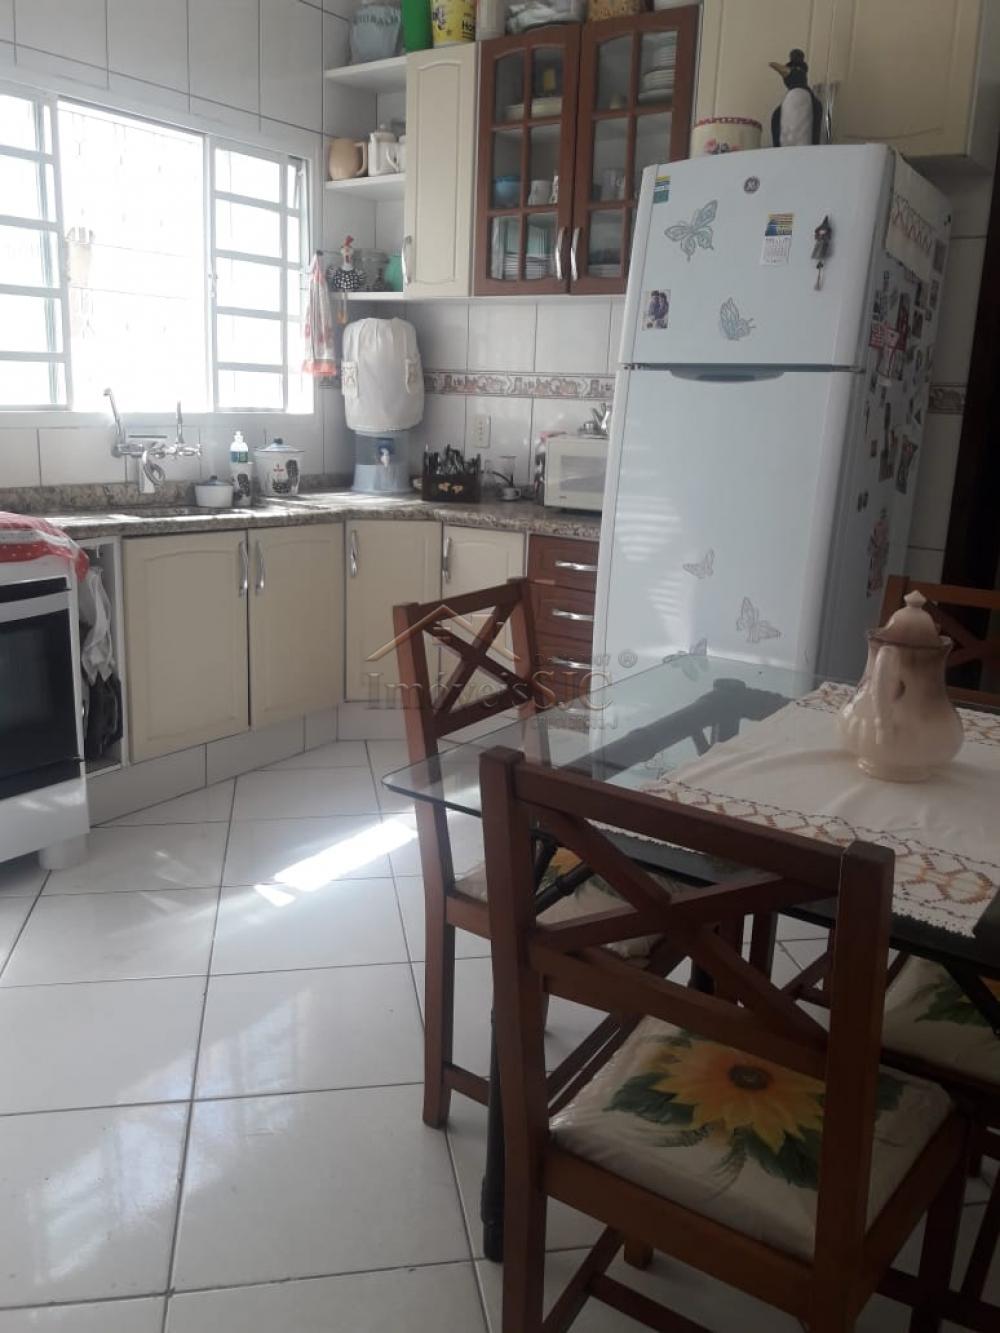 Comprar Casas / Padrão em São José dos Campos apenas R$ 450.000,00 - Foto 11